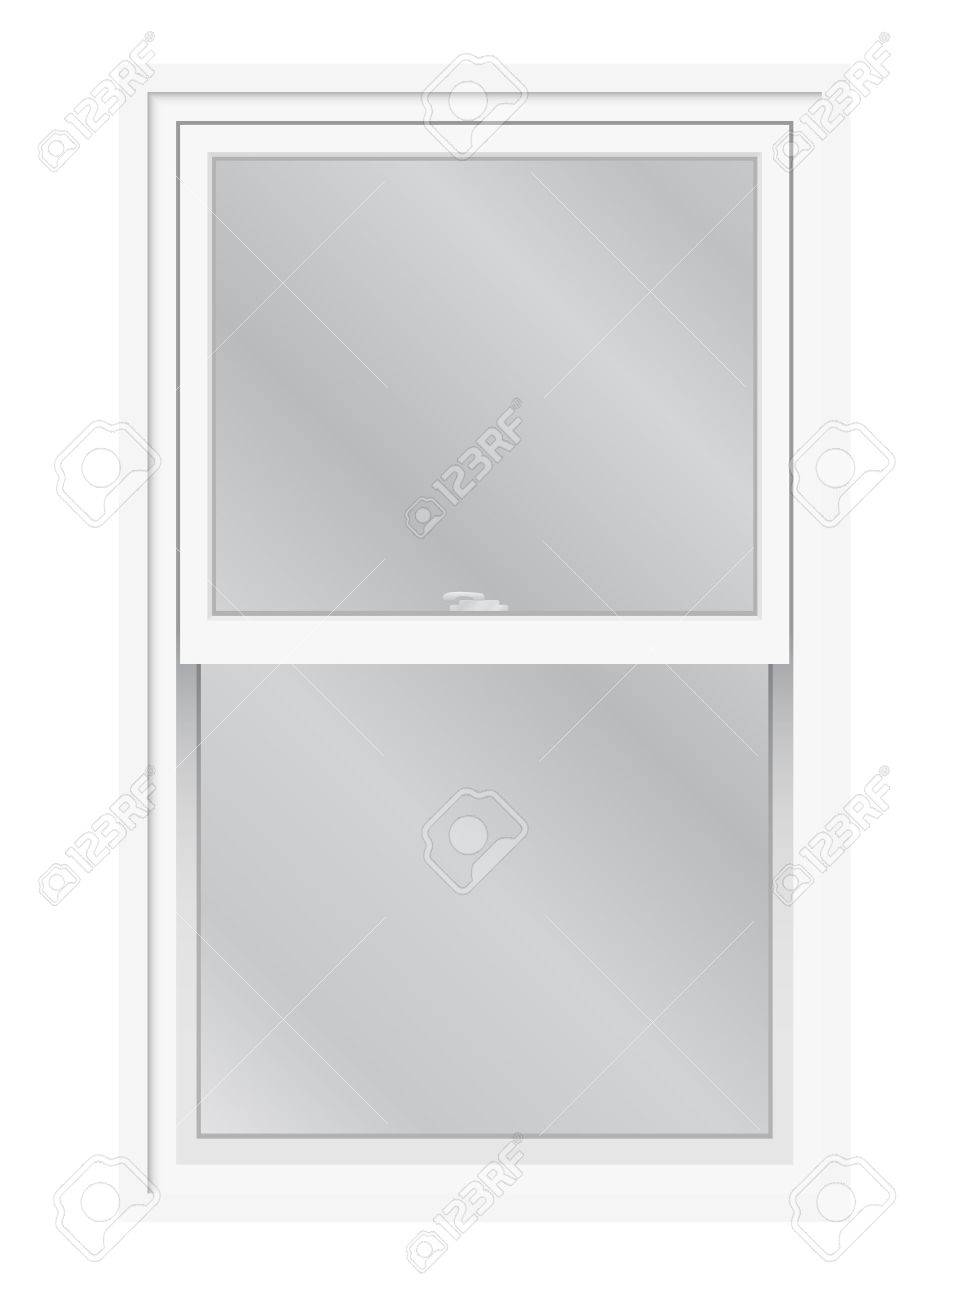 Fenster außenansicht  Doppel Schwing-Fenster Isoliert. Traditionelle Englische Oder ...